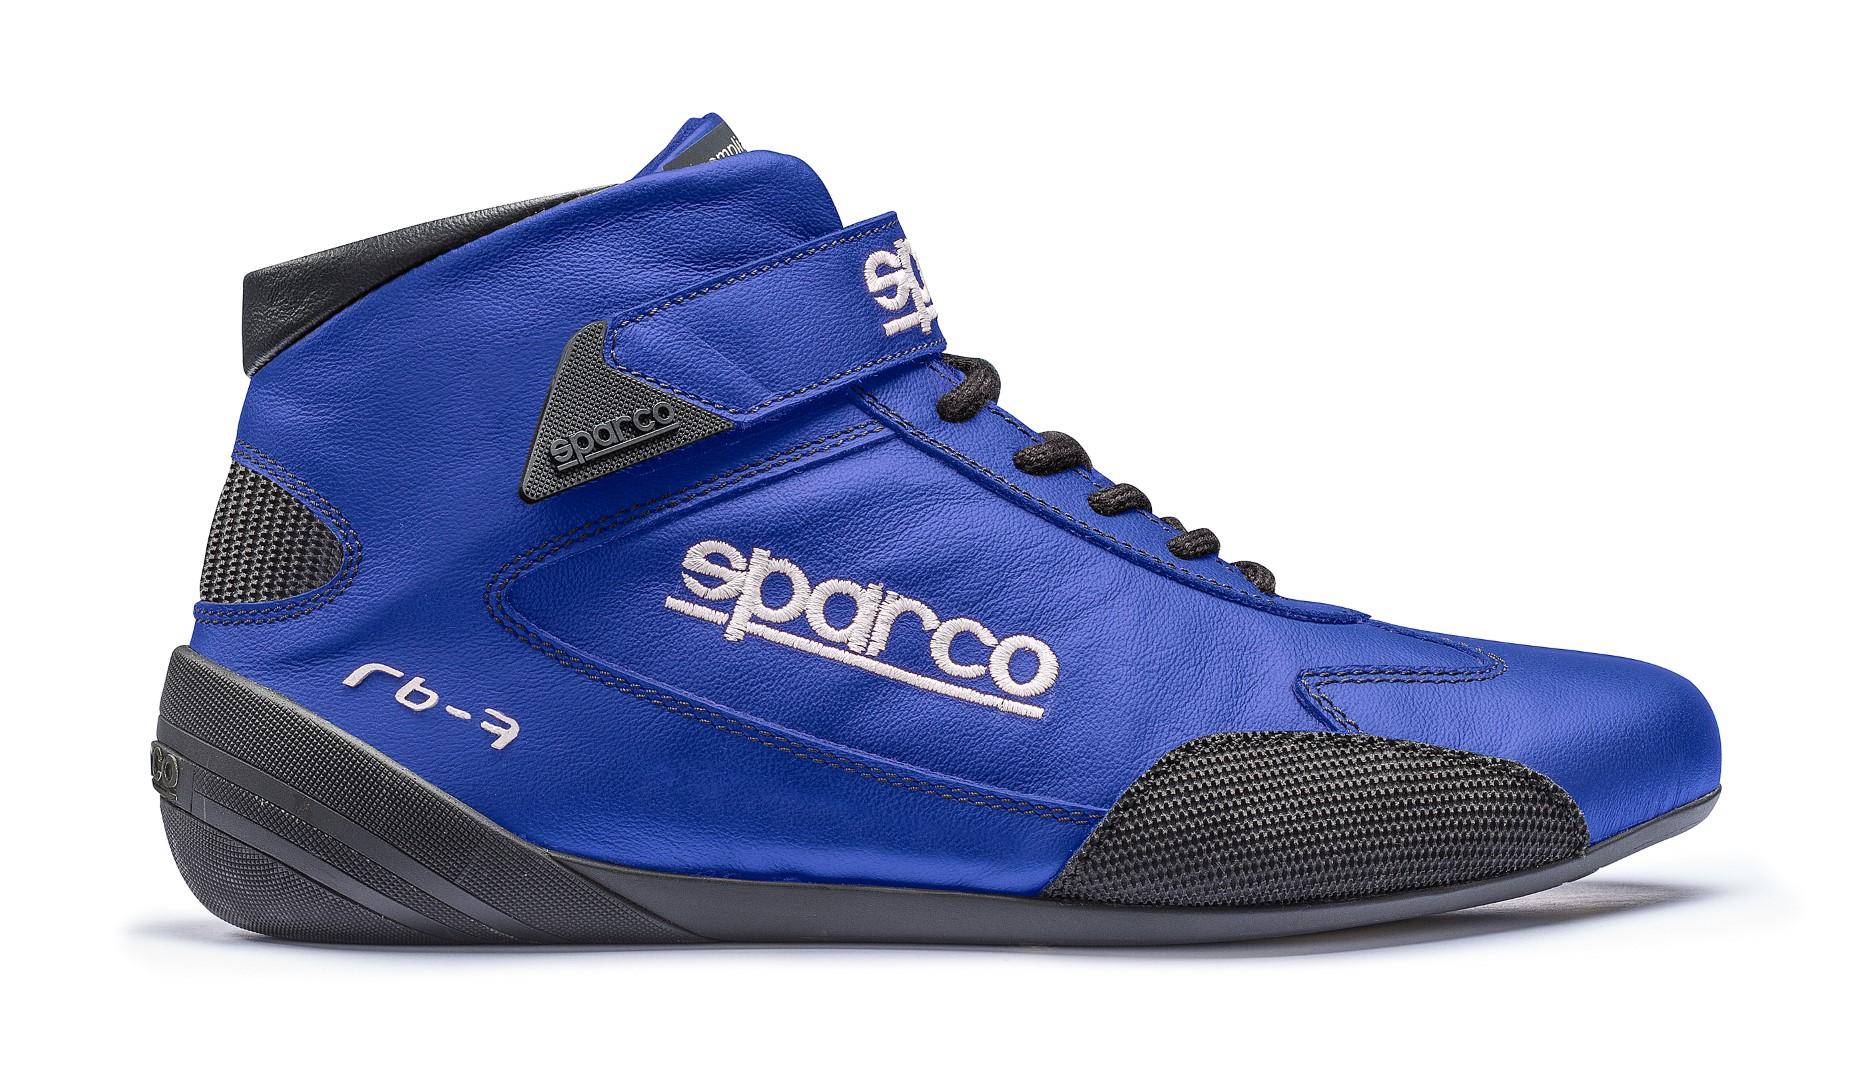 Sparco 00122438AZ Blue Cross RB-7 Driving Shoes EU 38